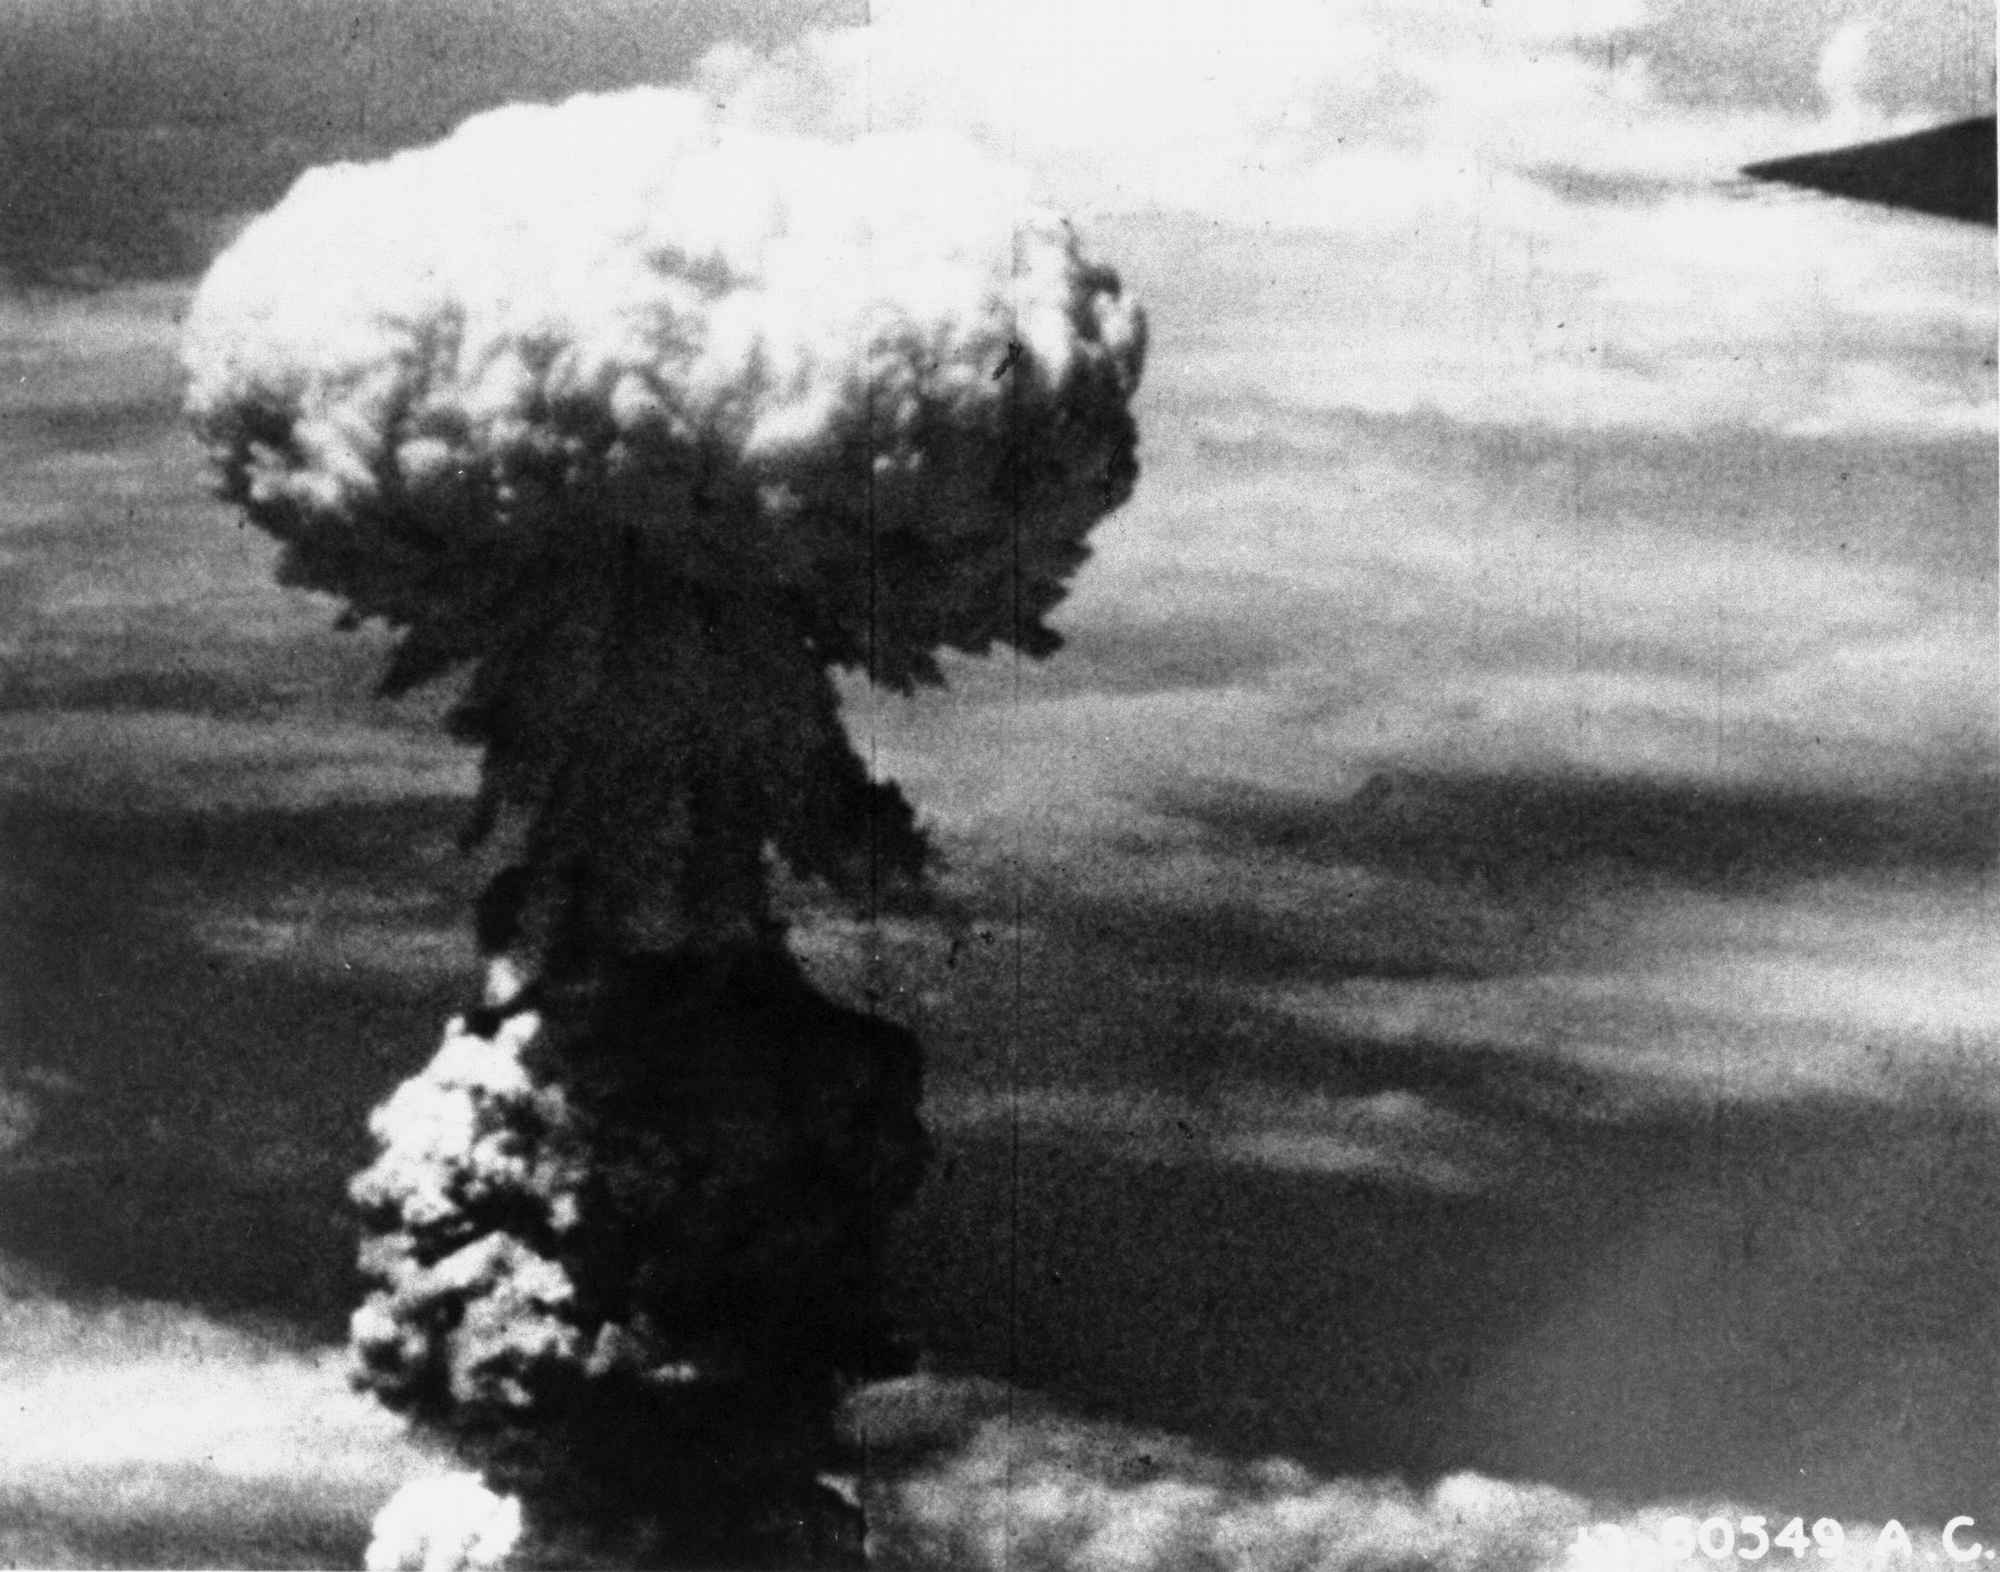 長崎原爆が爆発した瞬間。連続写真=1945年8月9日、米軍撮影(13/64 ...